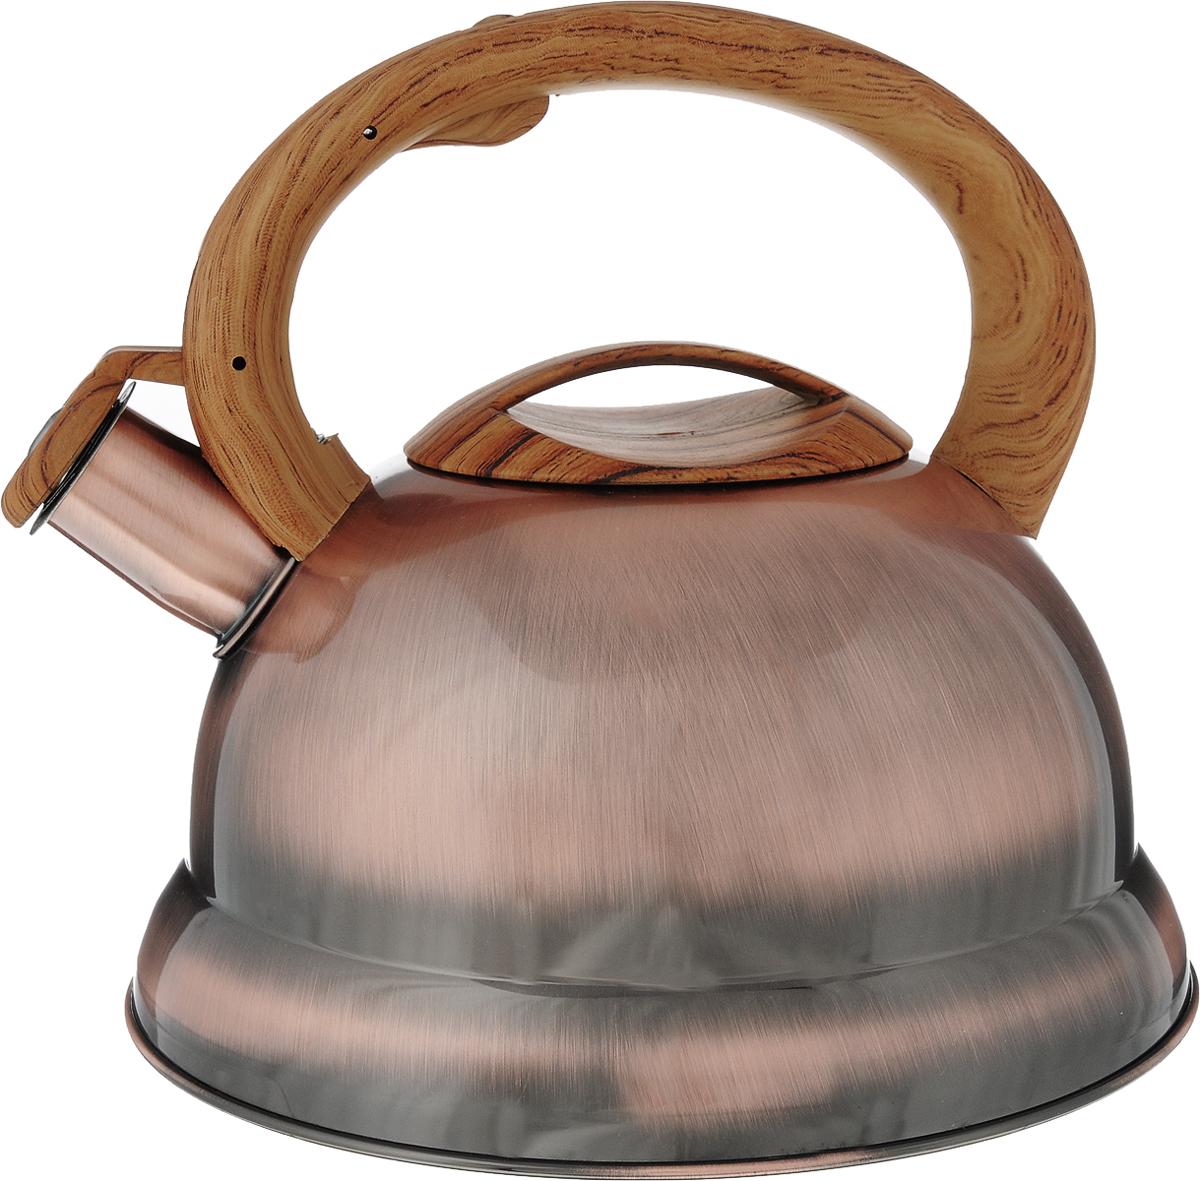 Чайник BK-S413 2, со свистком, 3,5 лVT-1520(SR)Чайник BK-S413 2 выполнен из высококачественной нержавеющей стали, что обеспечивает долговечность использования. Фиксированная ручка выполнена под дерево. Чайник снабжен свистком и устройством для открывания носика, которое находится на ручке. Изделие оснащено цельнометаллическим дном, что способствует медленному остыванию чайника.Подходит для газовых, электрических и стеклокерамических плит, а также индукционных. Можно мыть в посудомоечной машине. Высота чайника (без учета крышки и ручки): 11,5 см.Высота чайника (с учетом ручки): 22 см.Диаметр (по верхнему краю): 10 см.